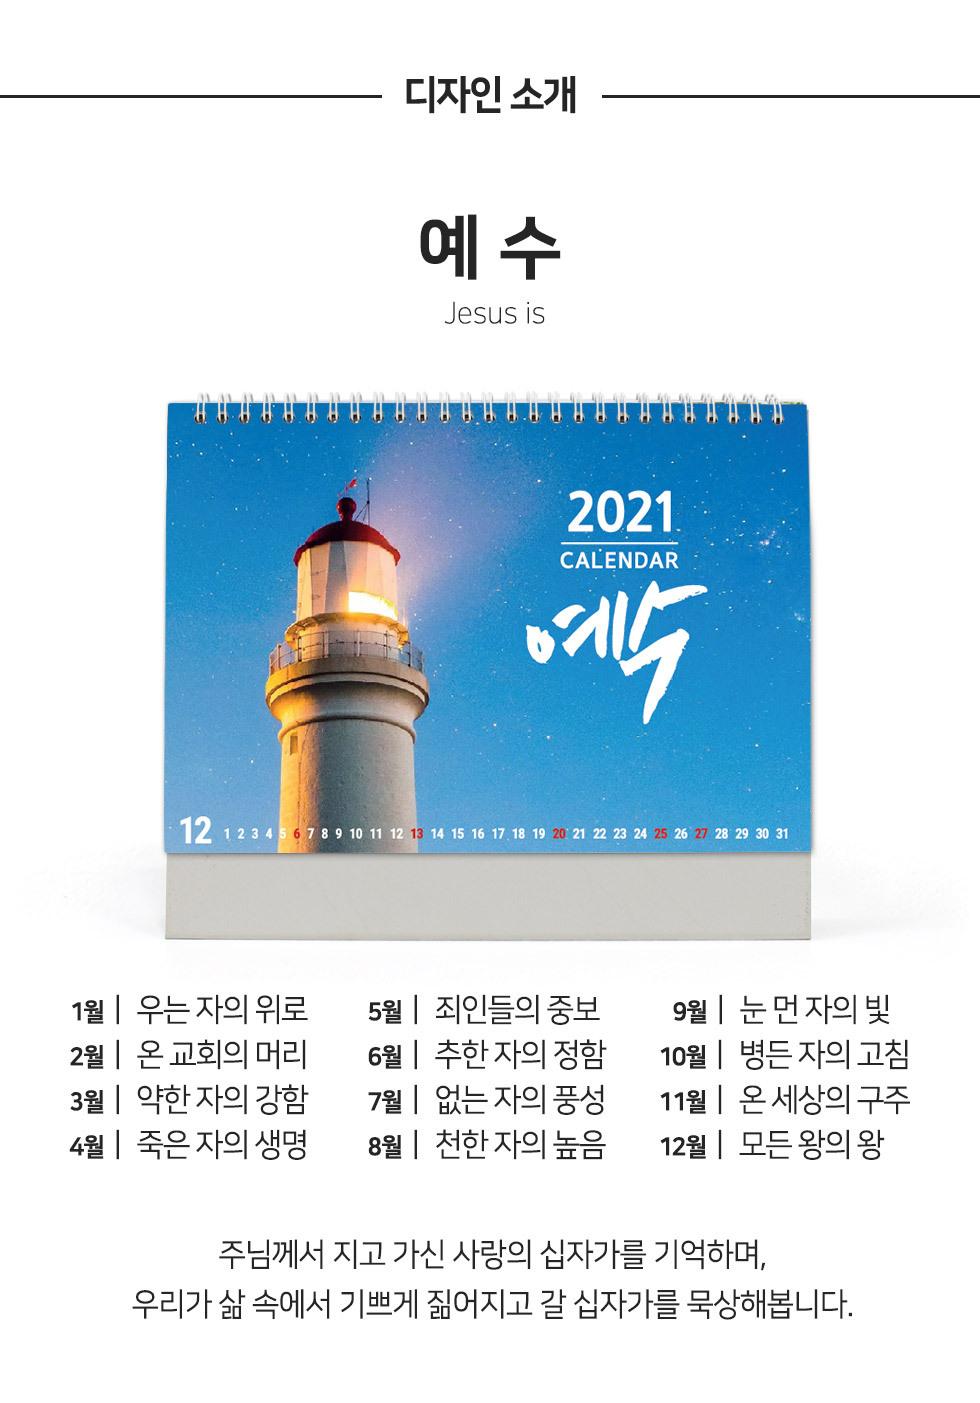 2021년 탁상달력 공통 - 디자인소개